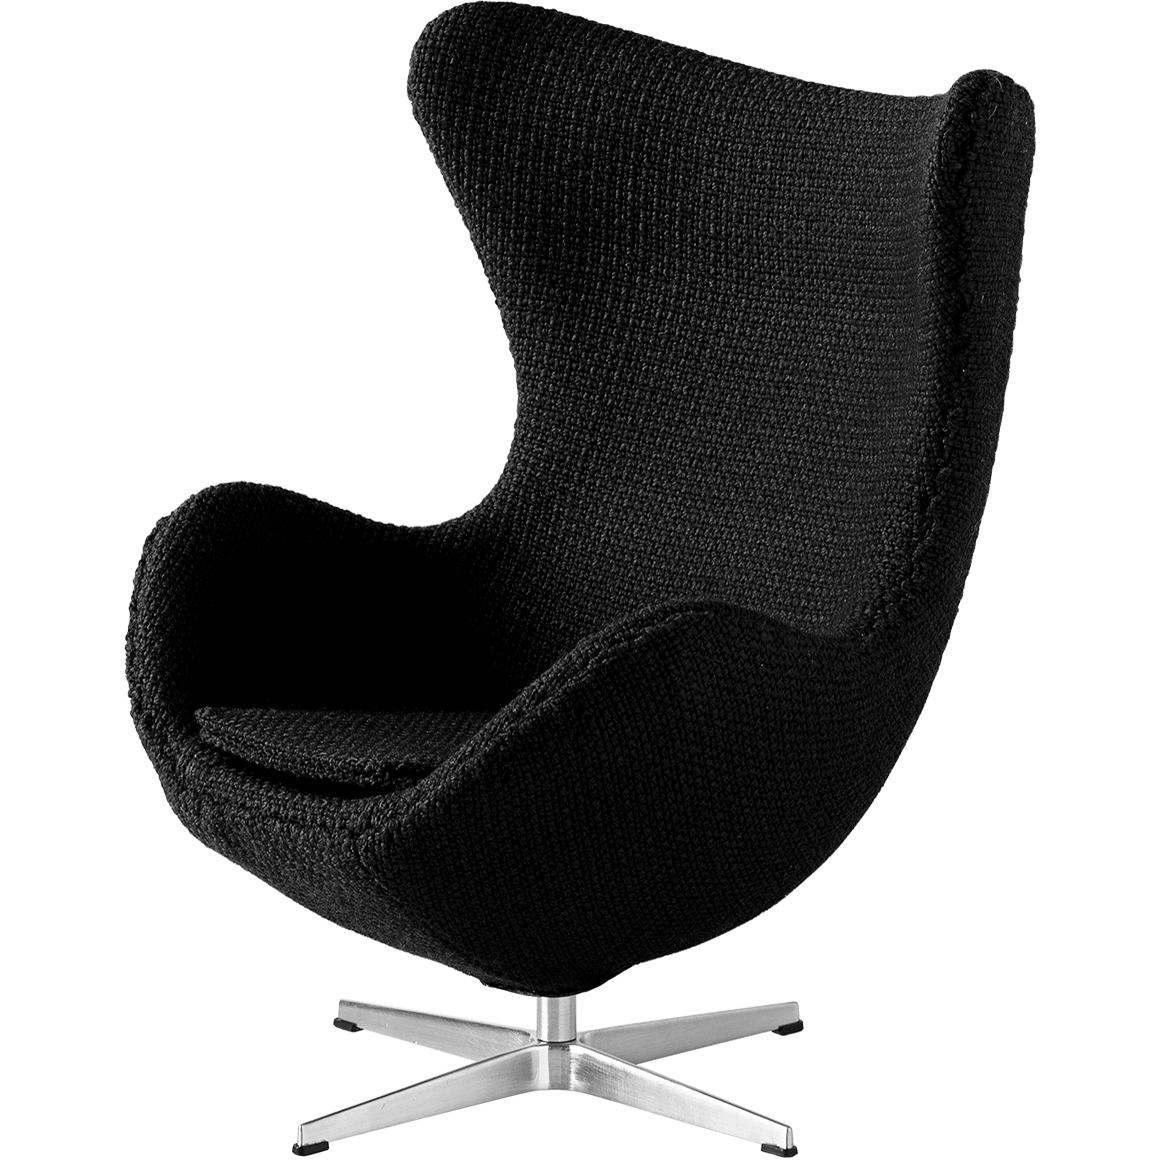 dekoelement miniatur ei von fritz hansen. Black Bedroom Furniture Sets. Home Design Ideas